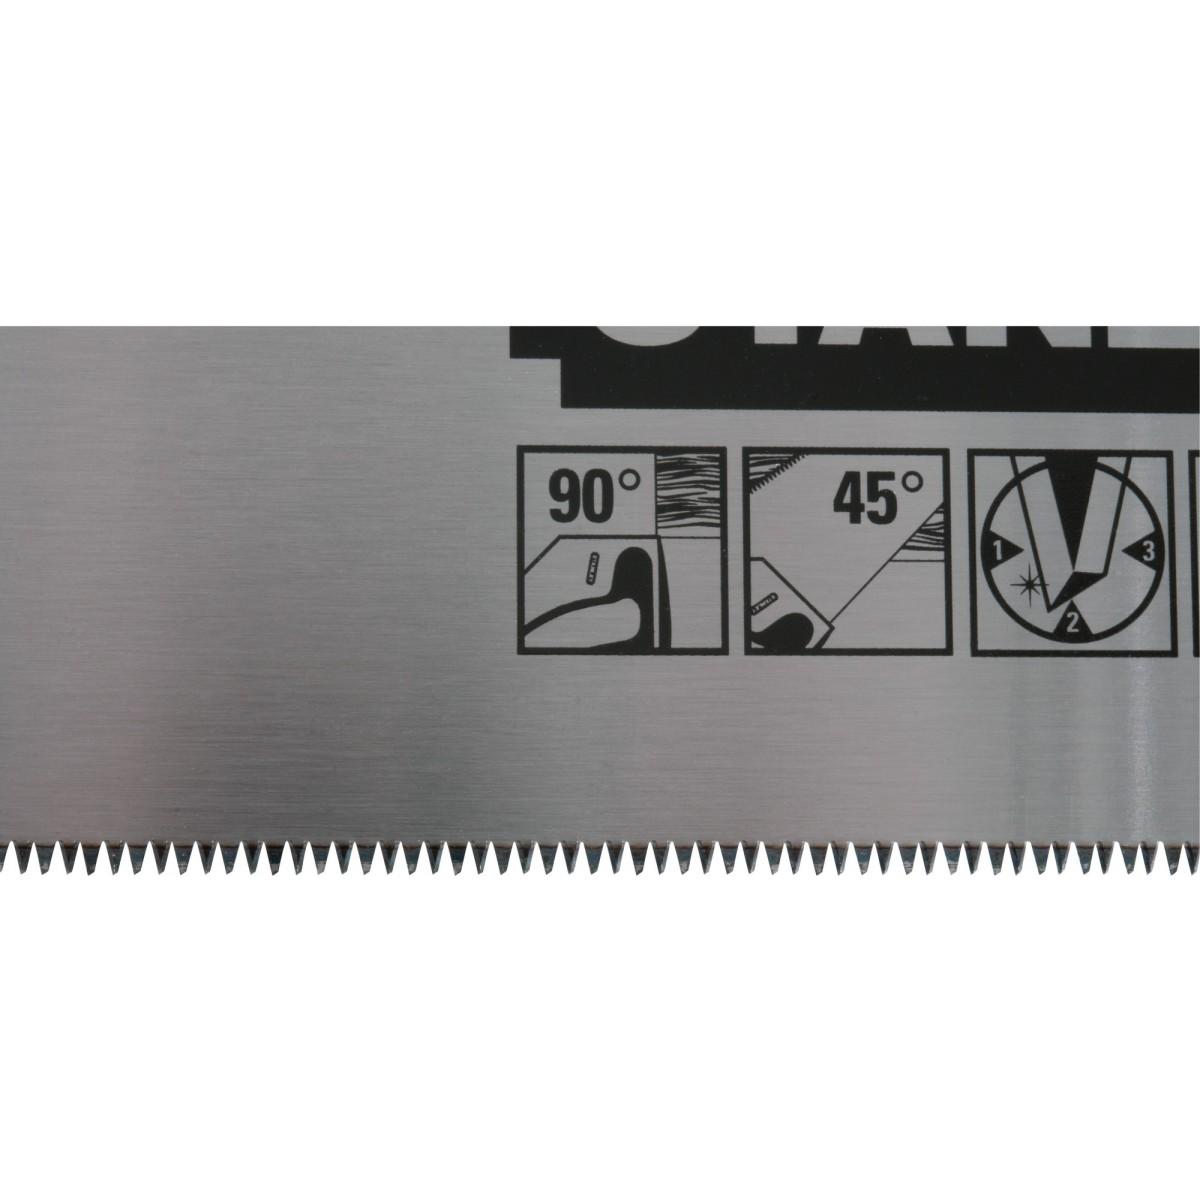 Scie égoïne jet cut Stanley Jetcut - 11 dents/pouce - Fine - Longueur 400 mm